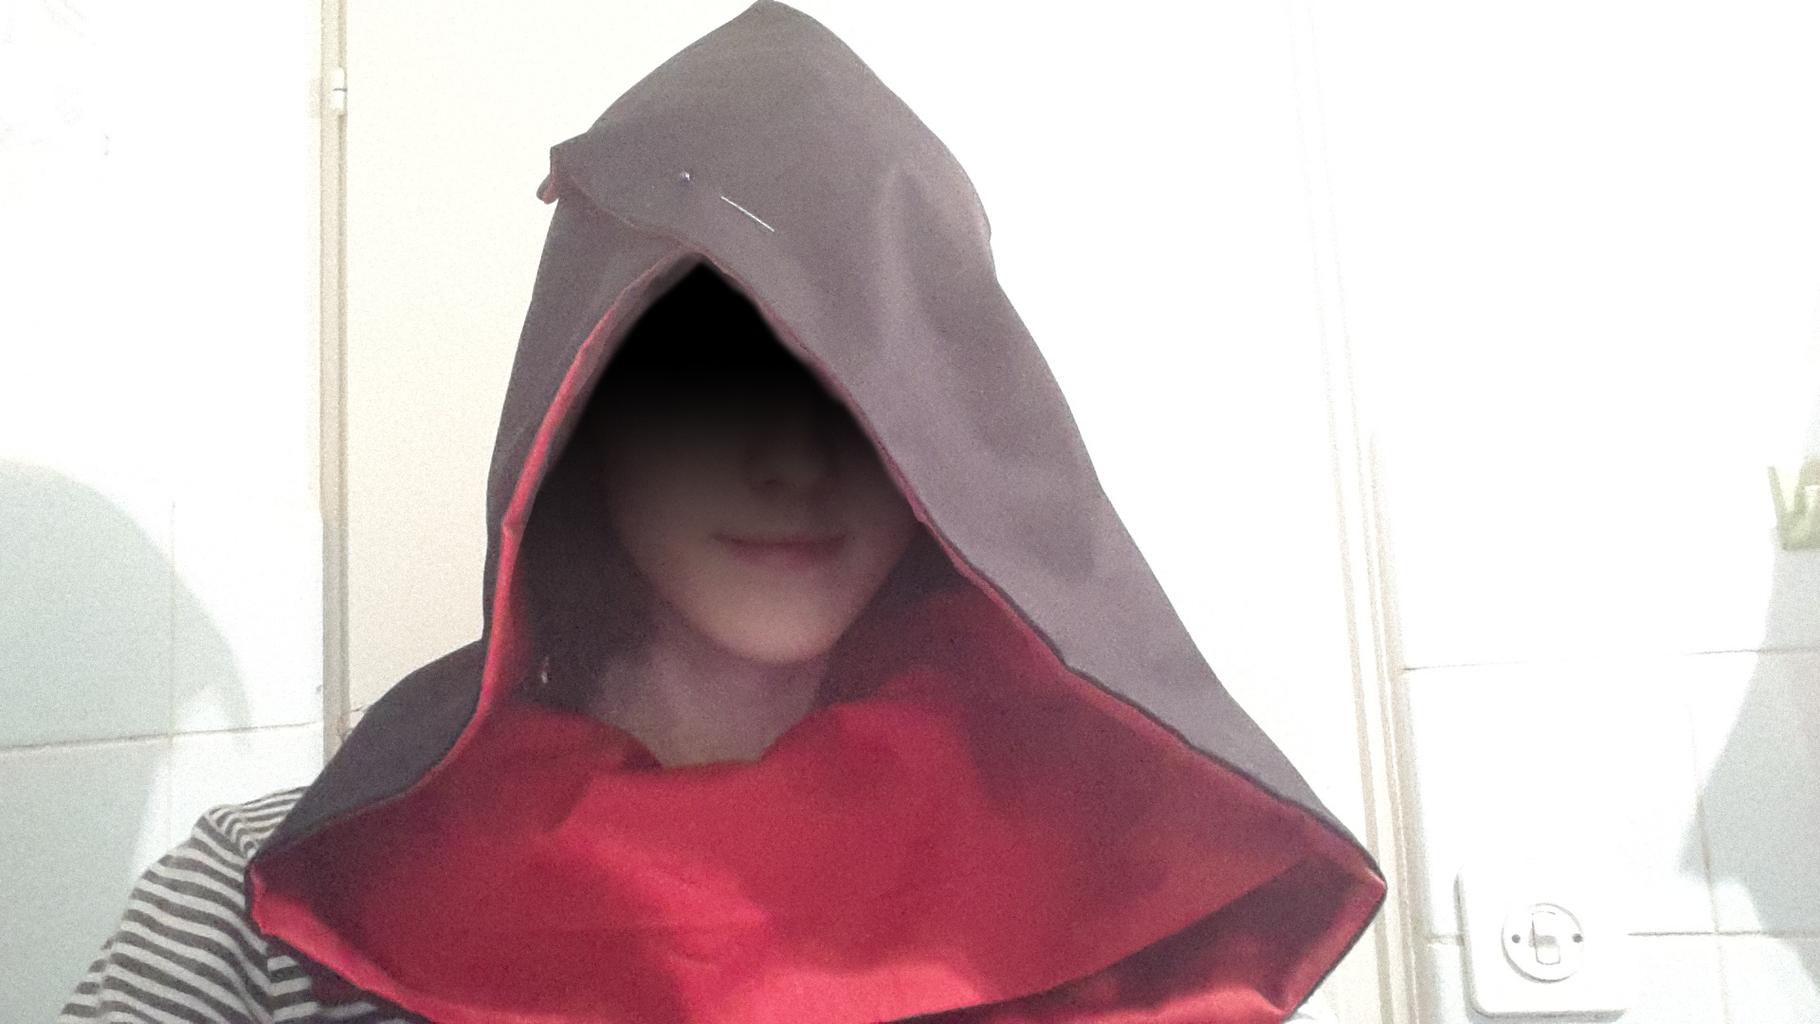 Hood Seals the Deal As Assassin